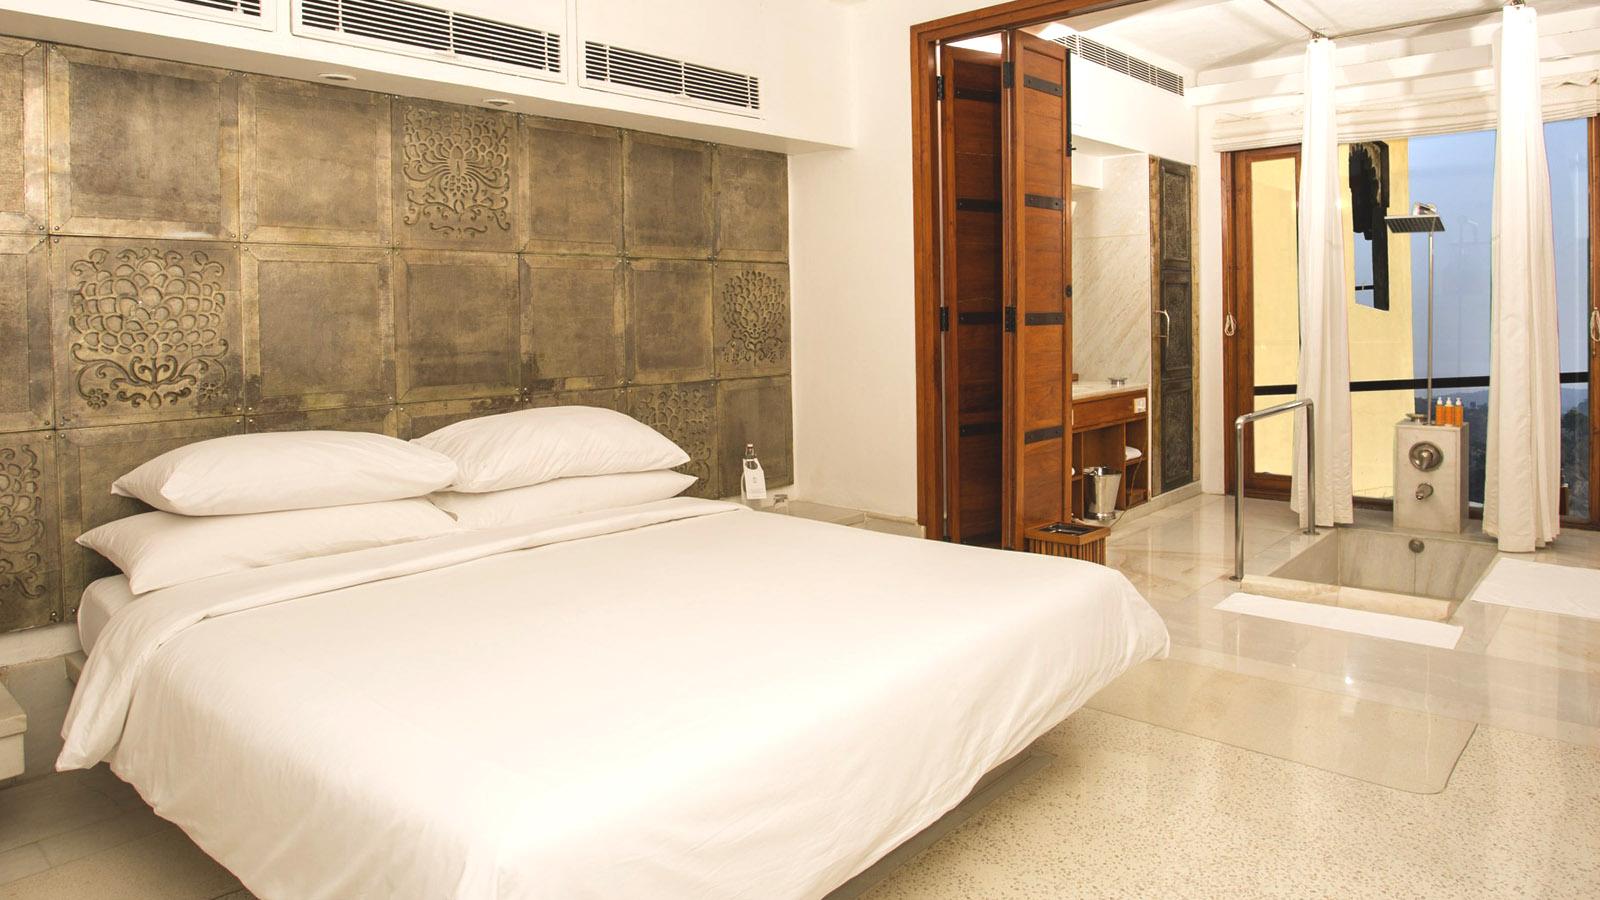 Aravalli-Suite-RAAS-Hotel-devigarh-Rajasthan-02